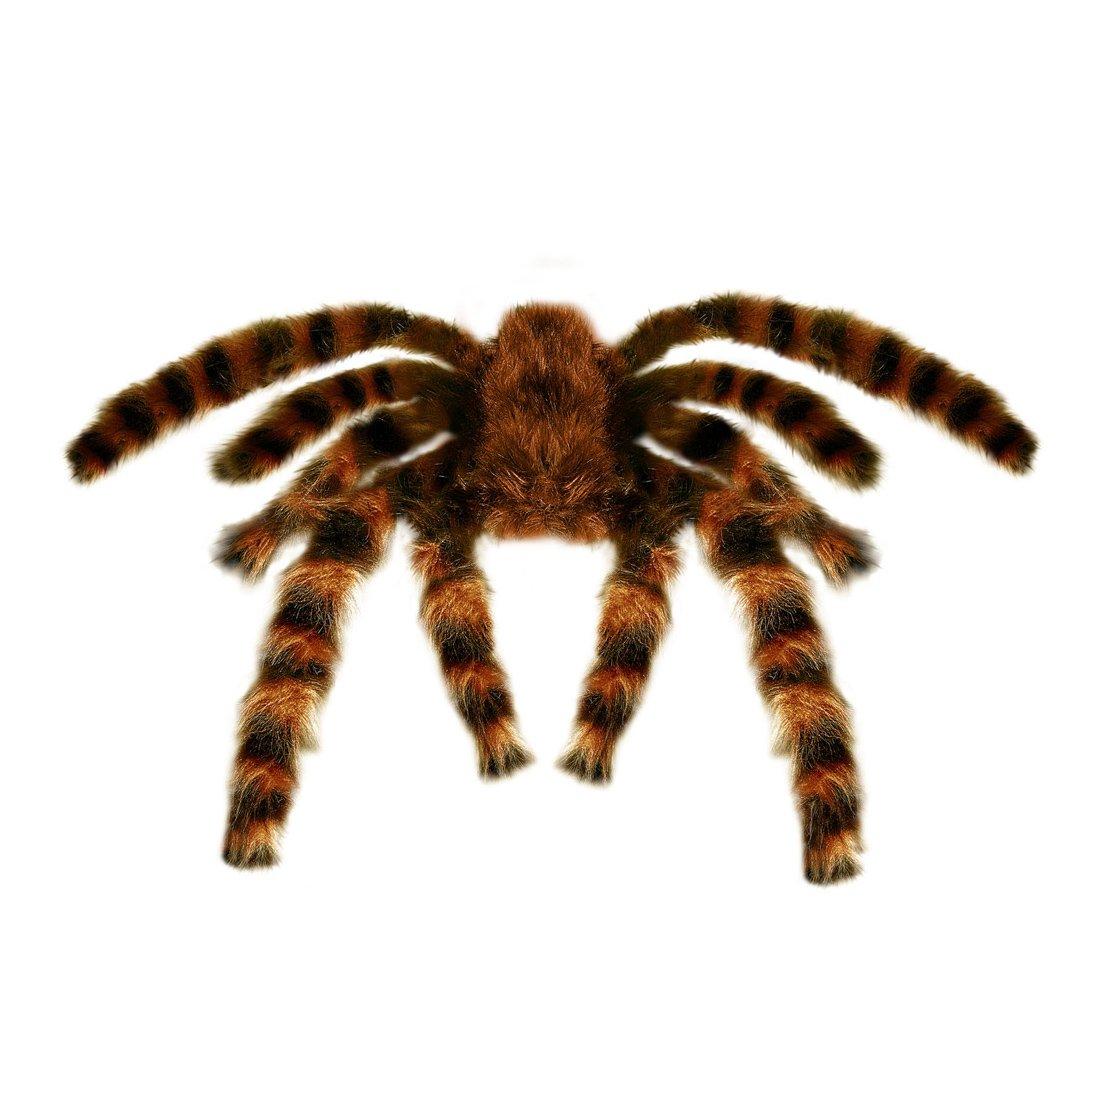 Amakando Déco araignée Halloween Mygale poilue géante 75 cm Tarentule décorative fête d'horreur Accessoire soirée à thème effroi décoration migale Ornement de fête Jungle